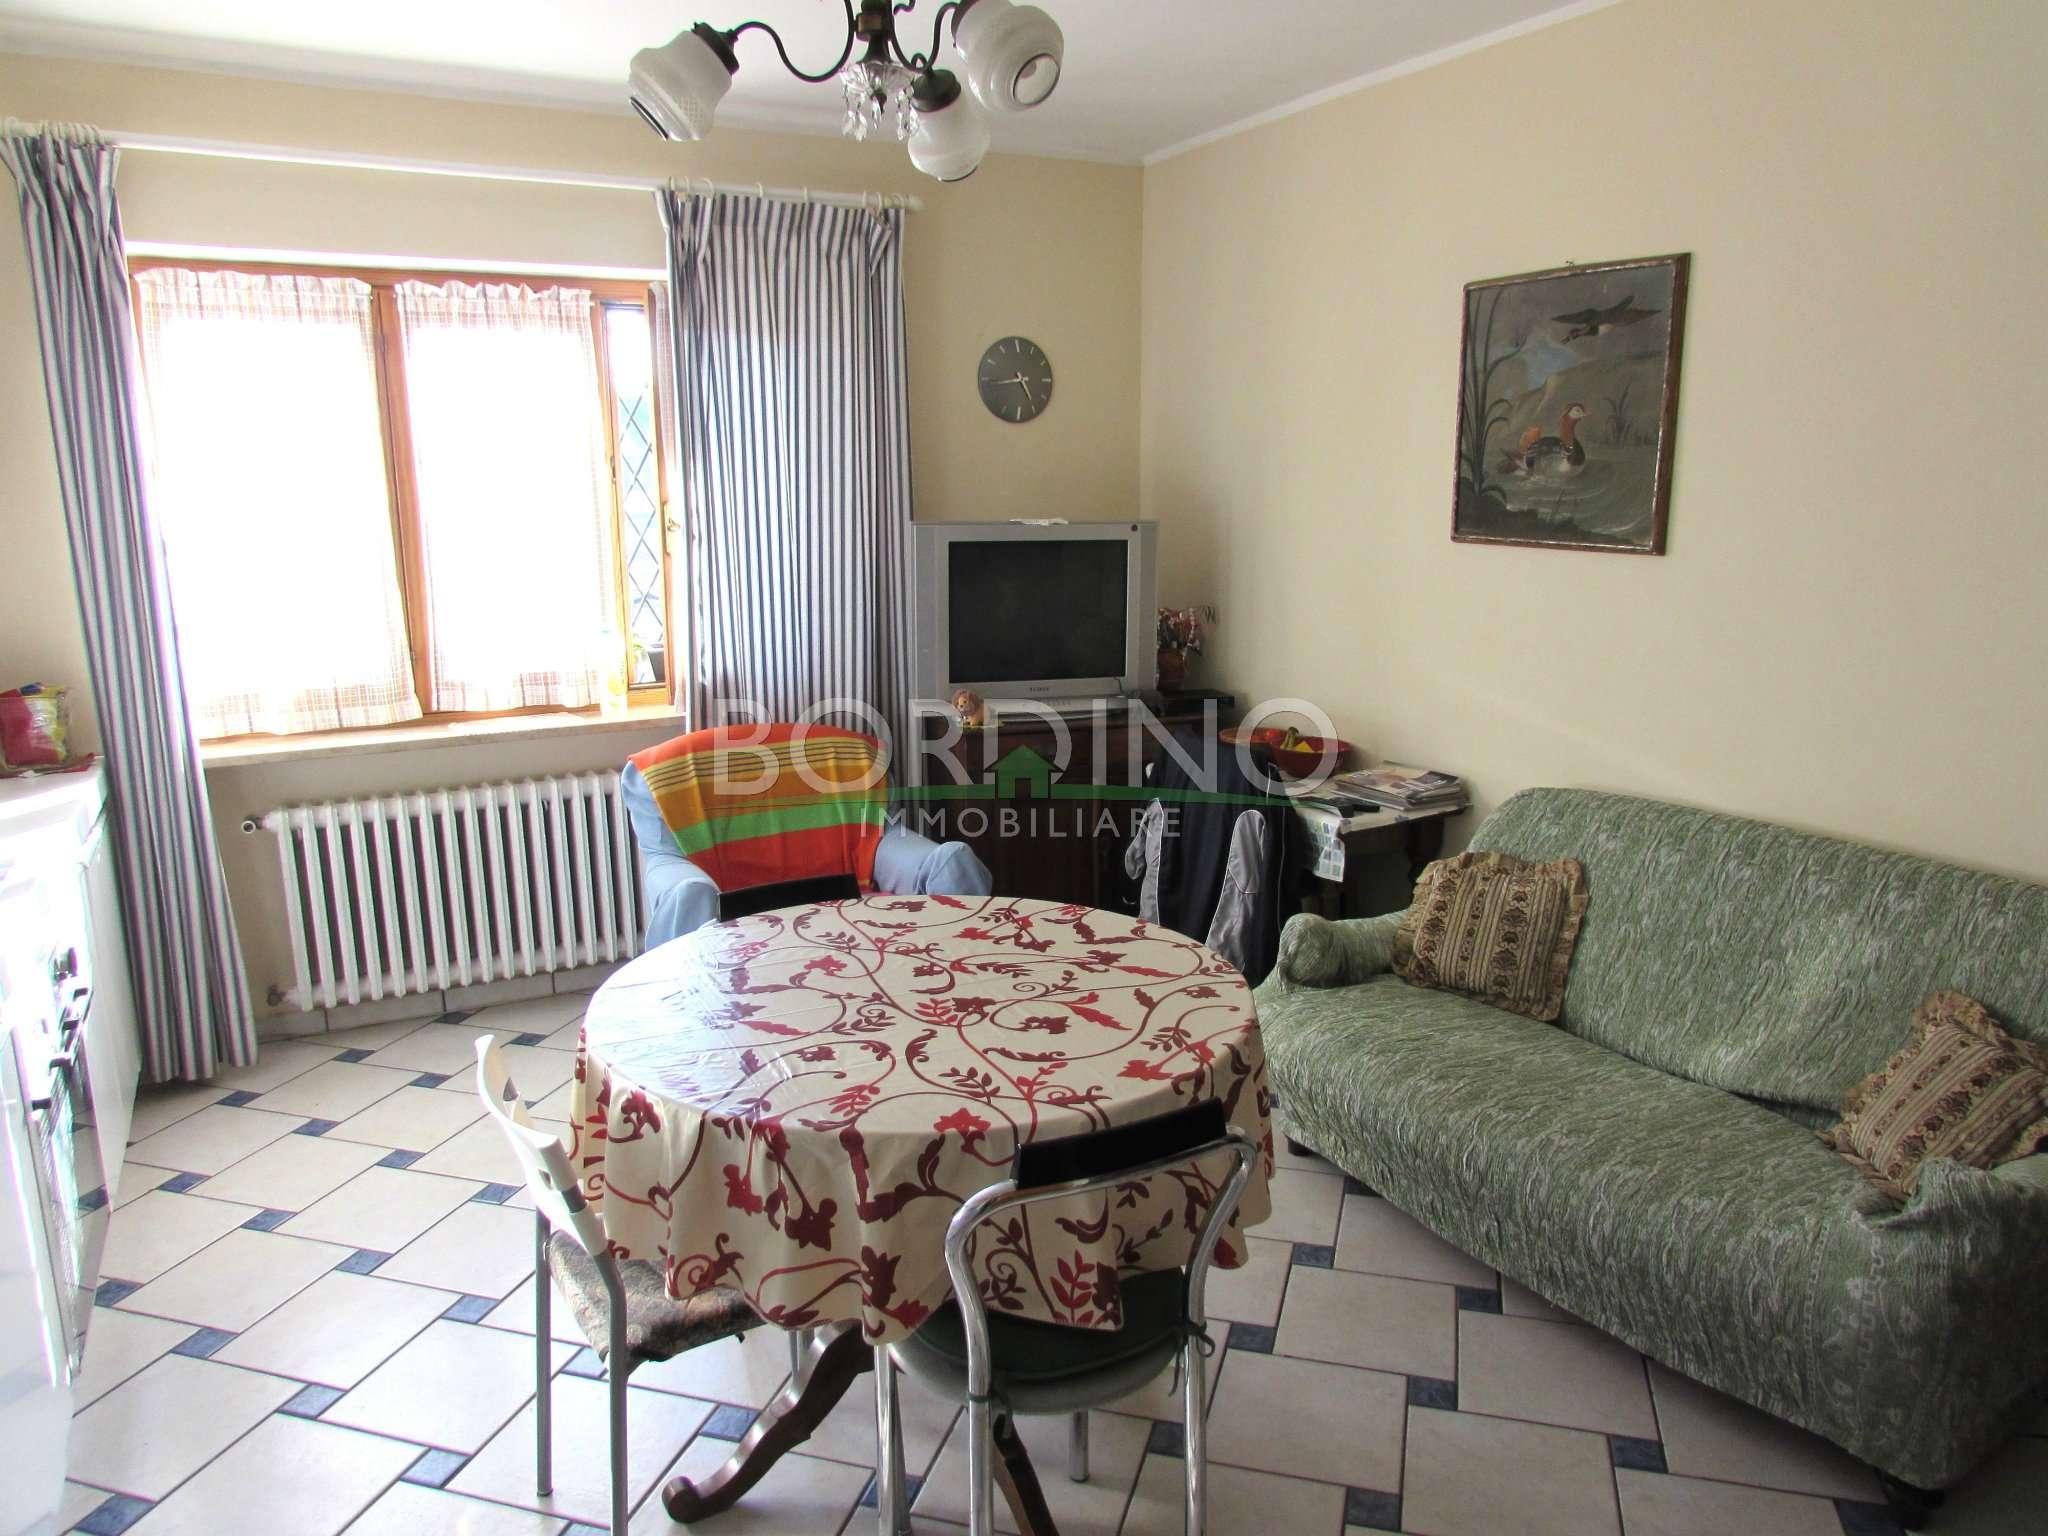 Appartamento in vendita a Sommariva Perno, 2 locali, prezzo € 35.000 | Cambio Casa.it